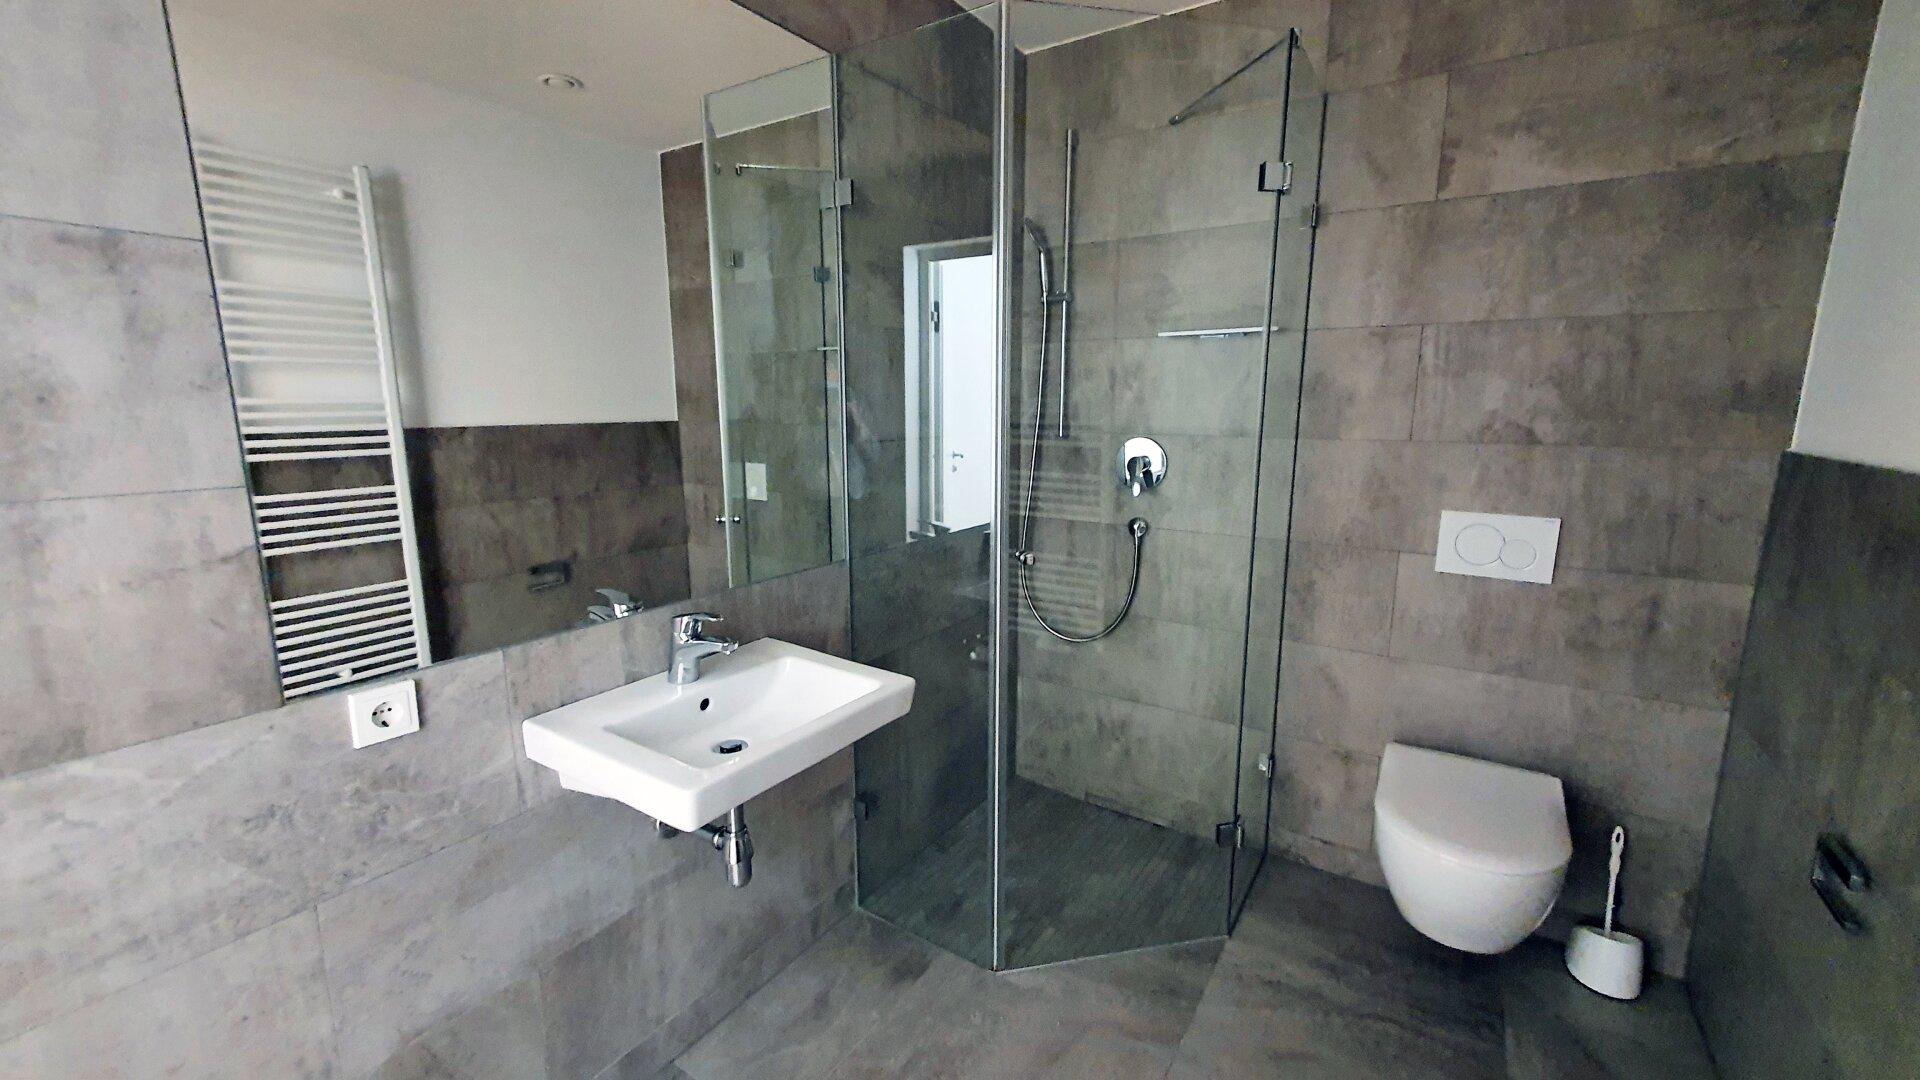 Großgarconniere Kufstein, Badezimmer